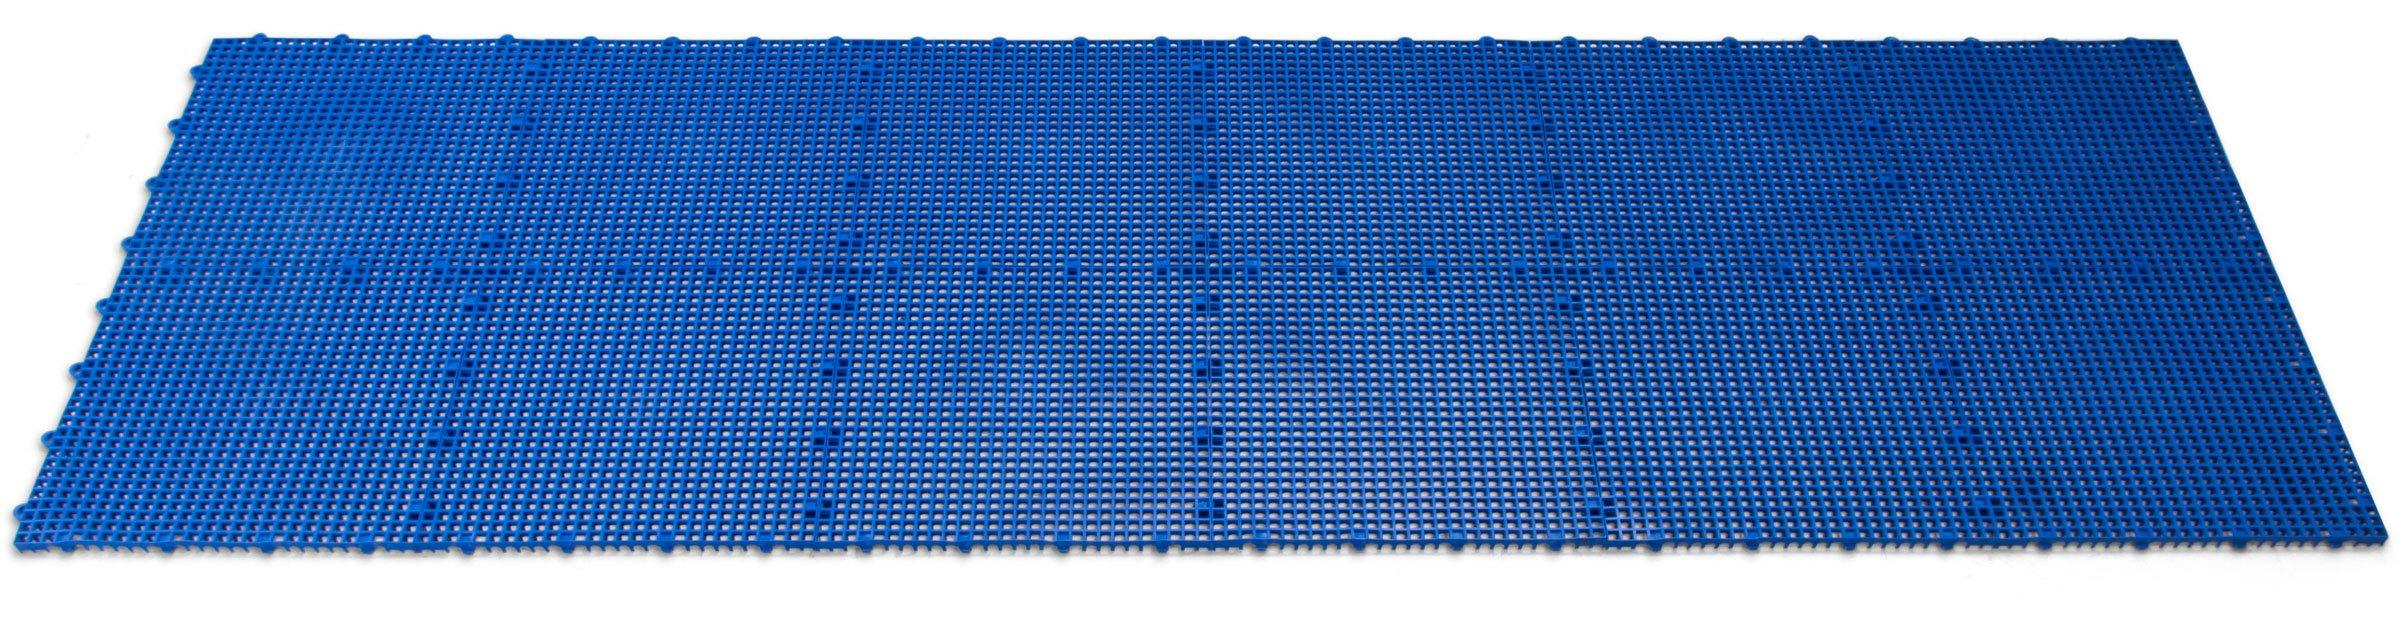 DuraGrid STBRIK Comfort Interlocking Modular Multi-Use Safety Floor Matting, Single Tile, Brick Red by DuraGrid® (Image #6)